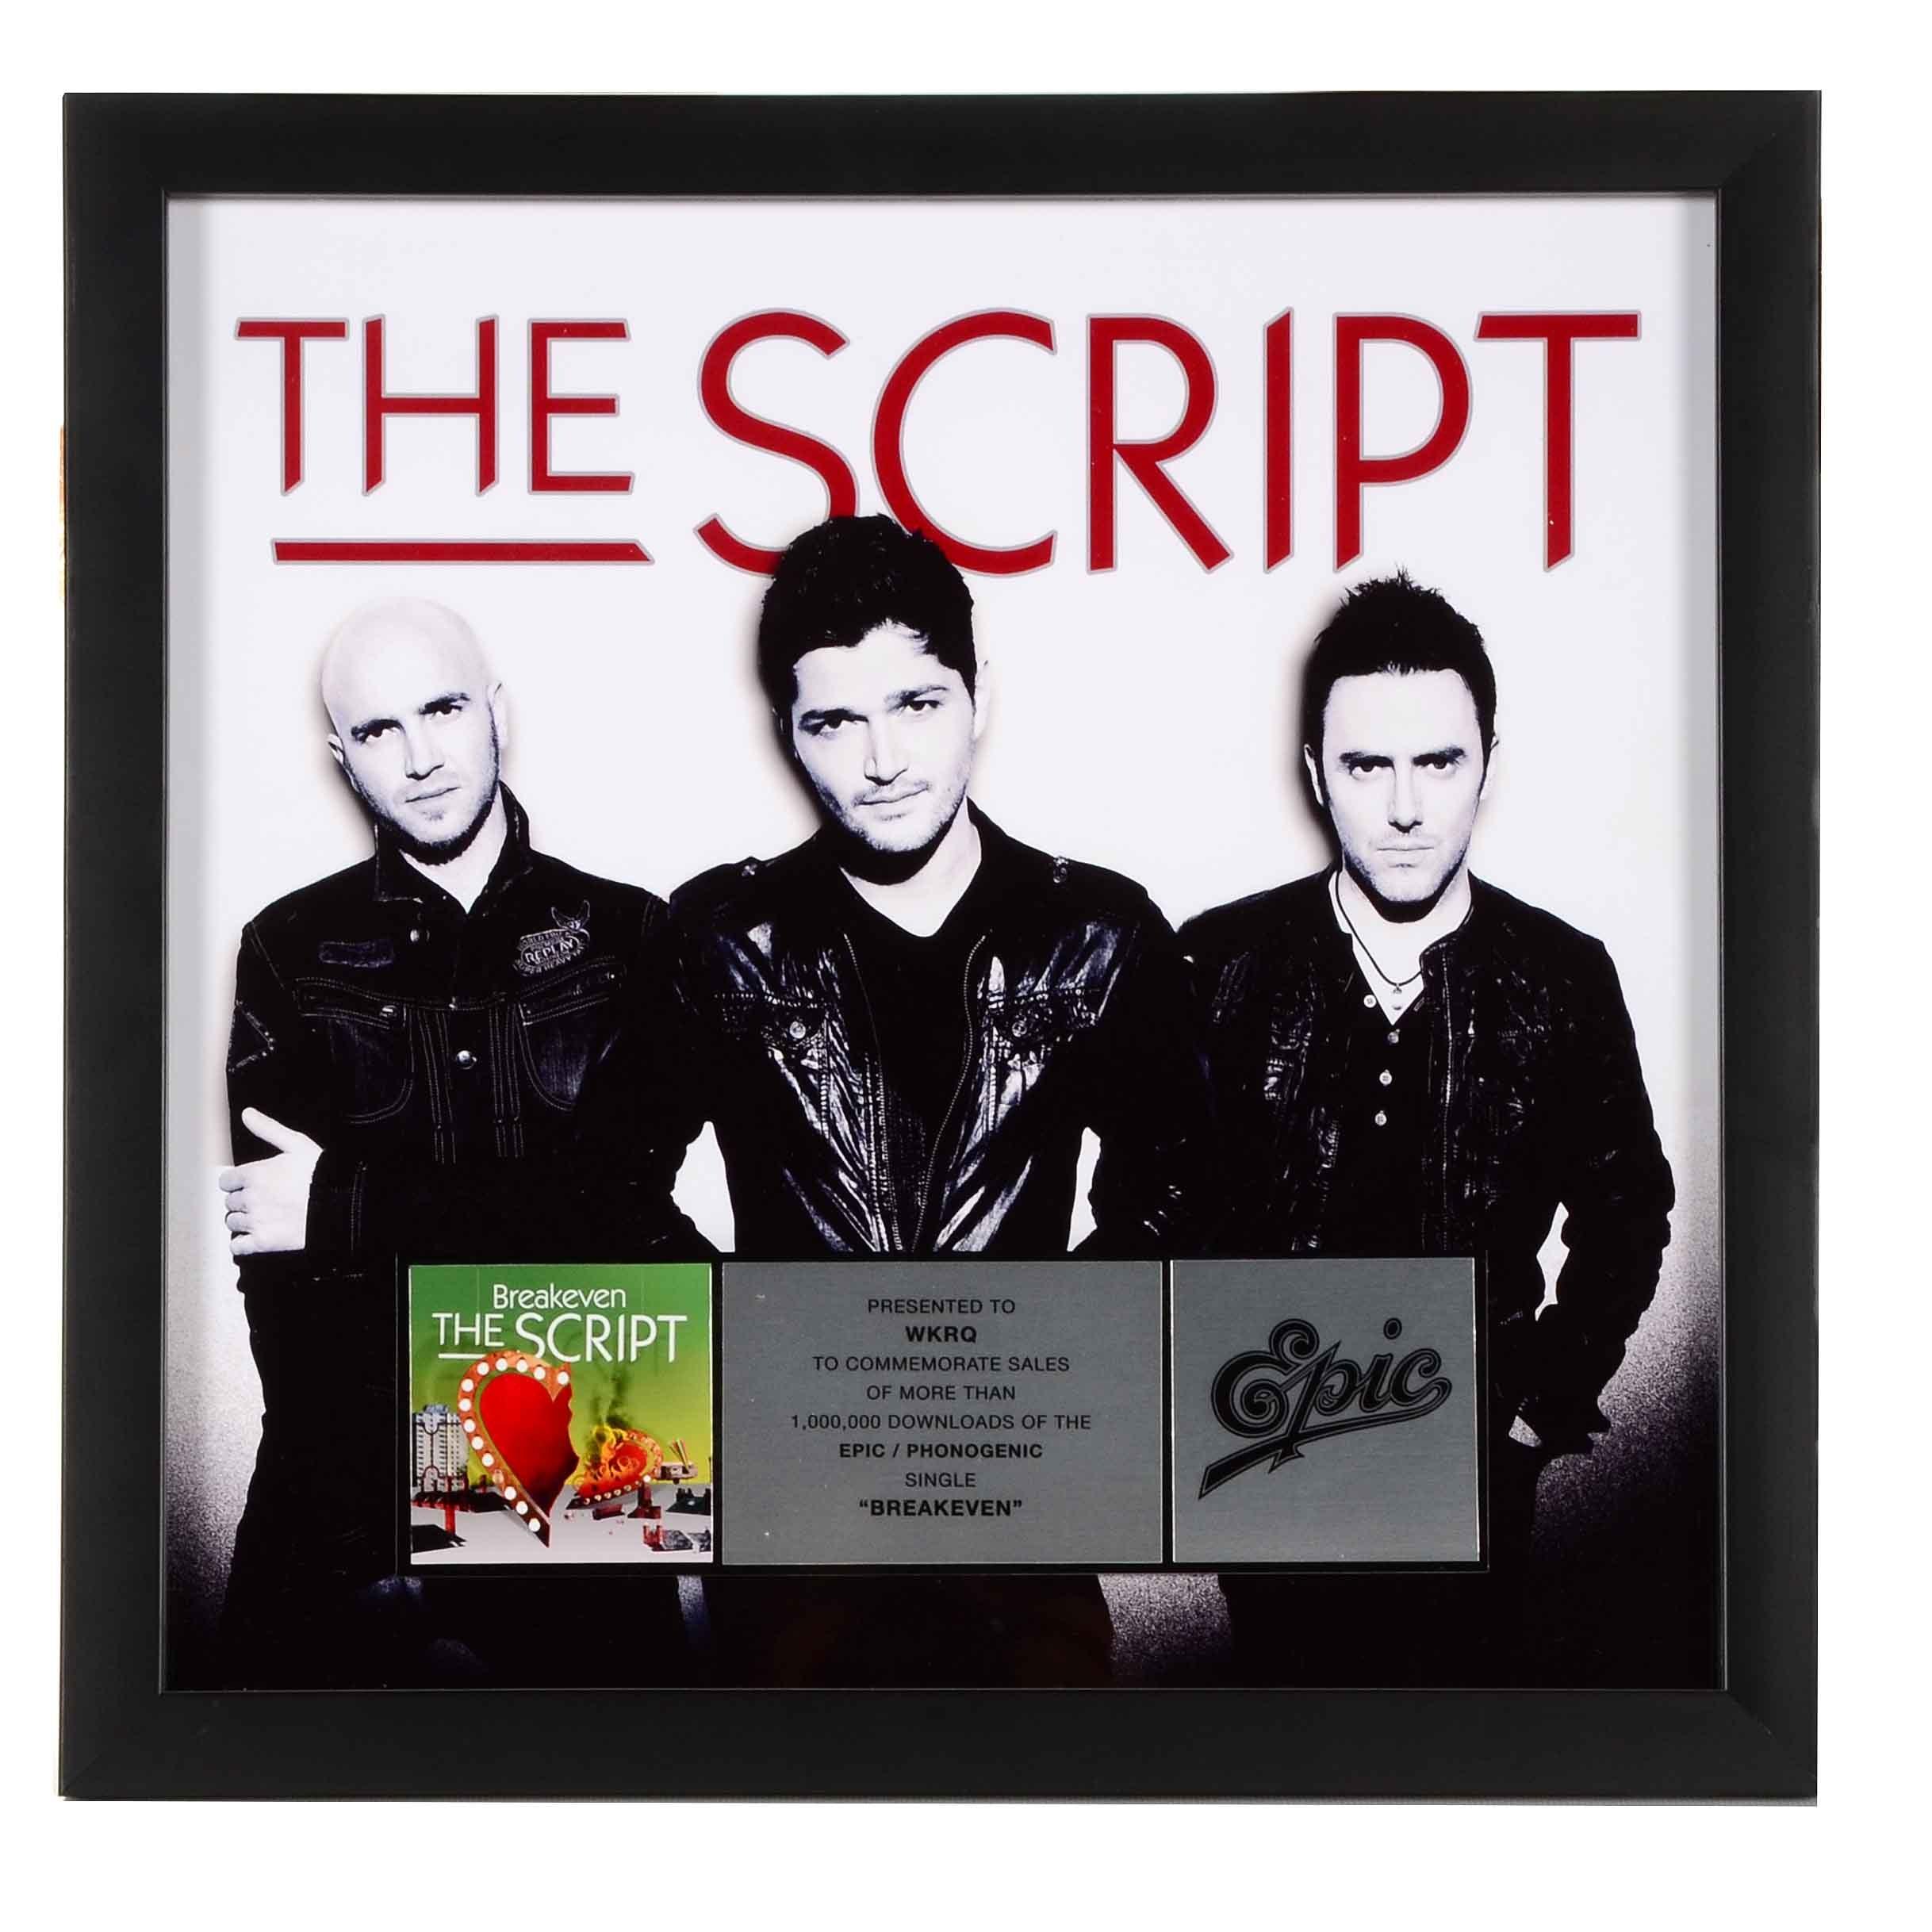 The Script Q102 Award Display